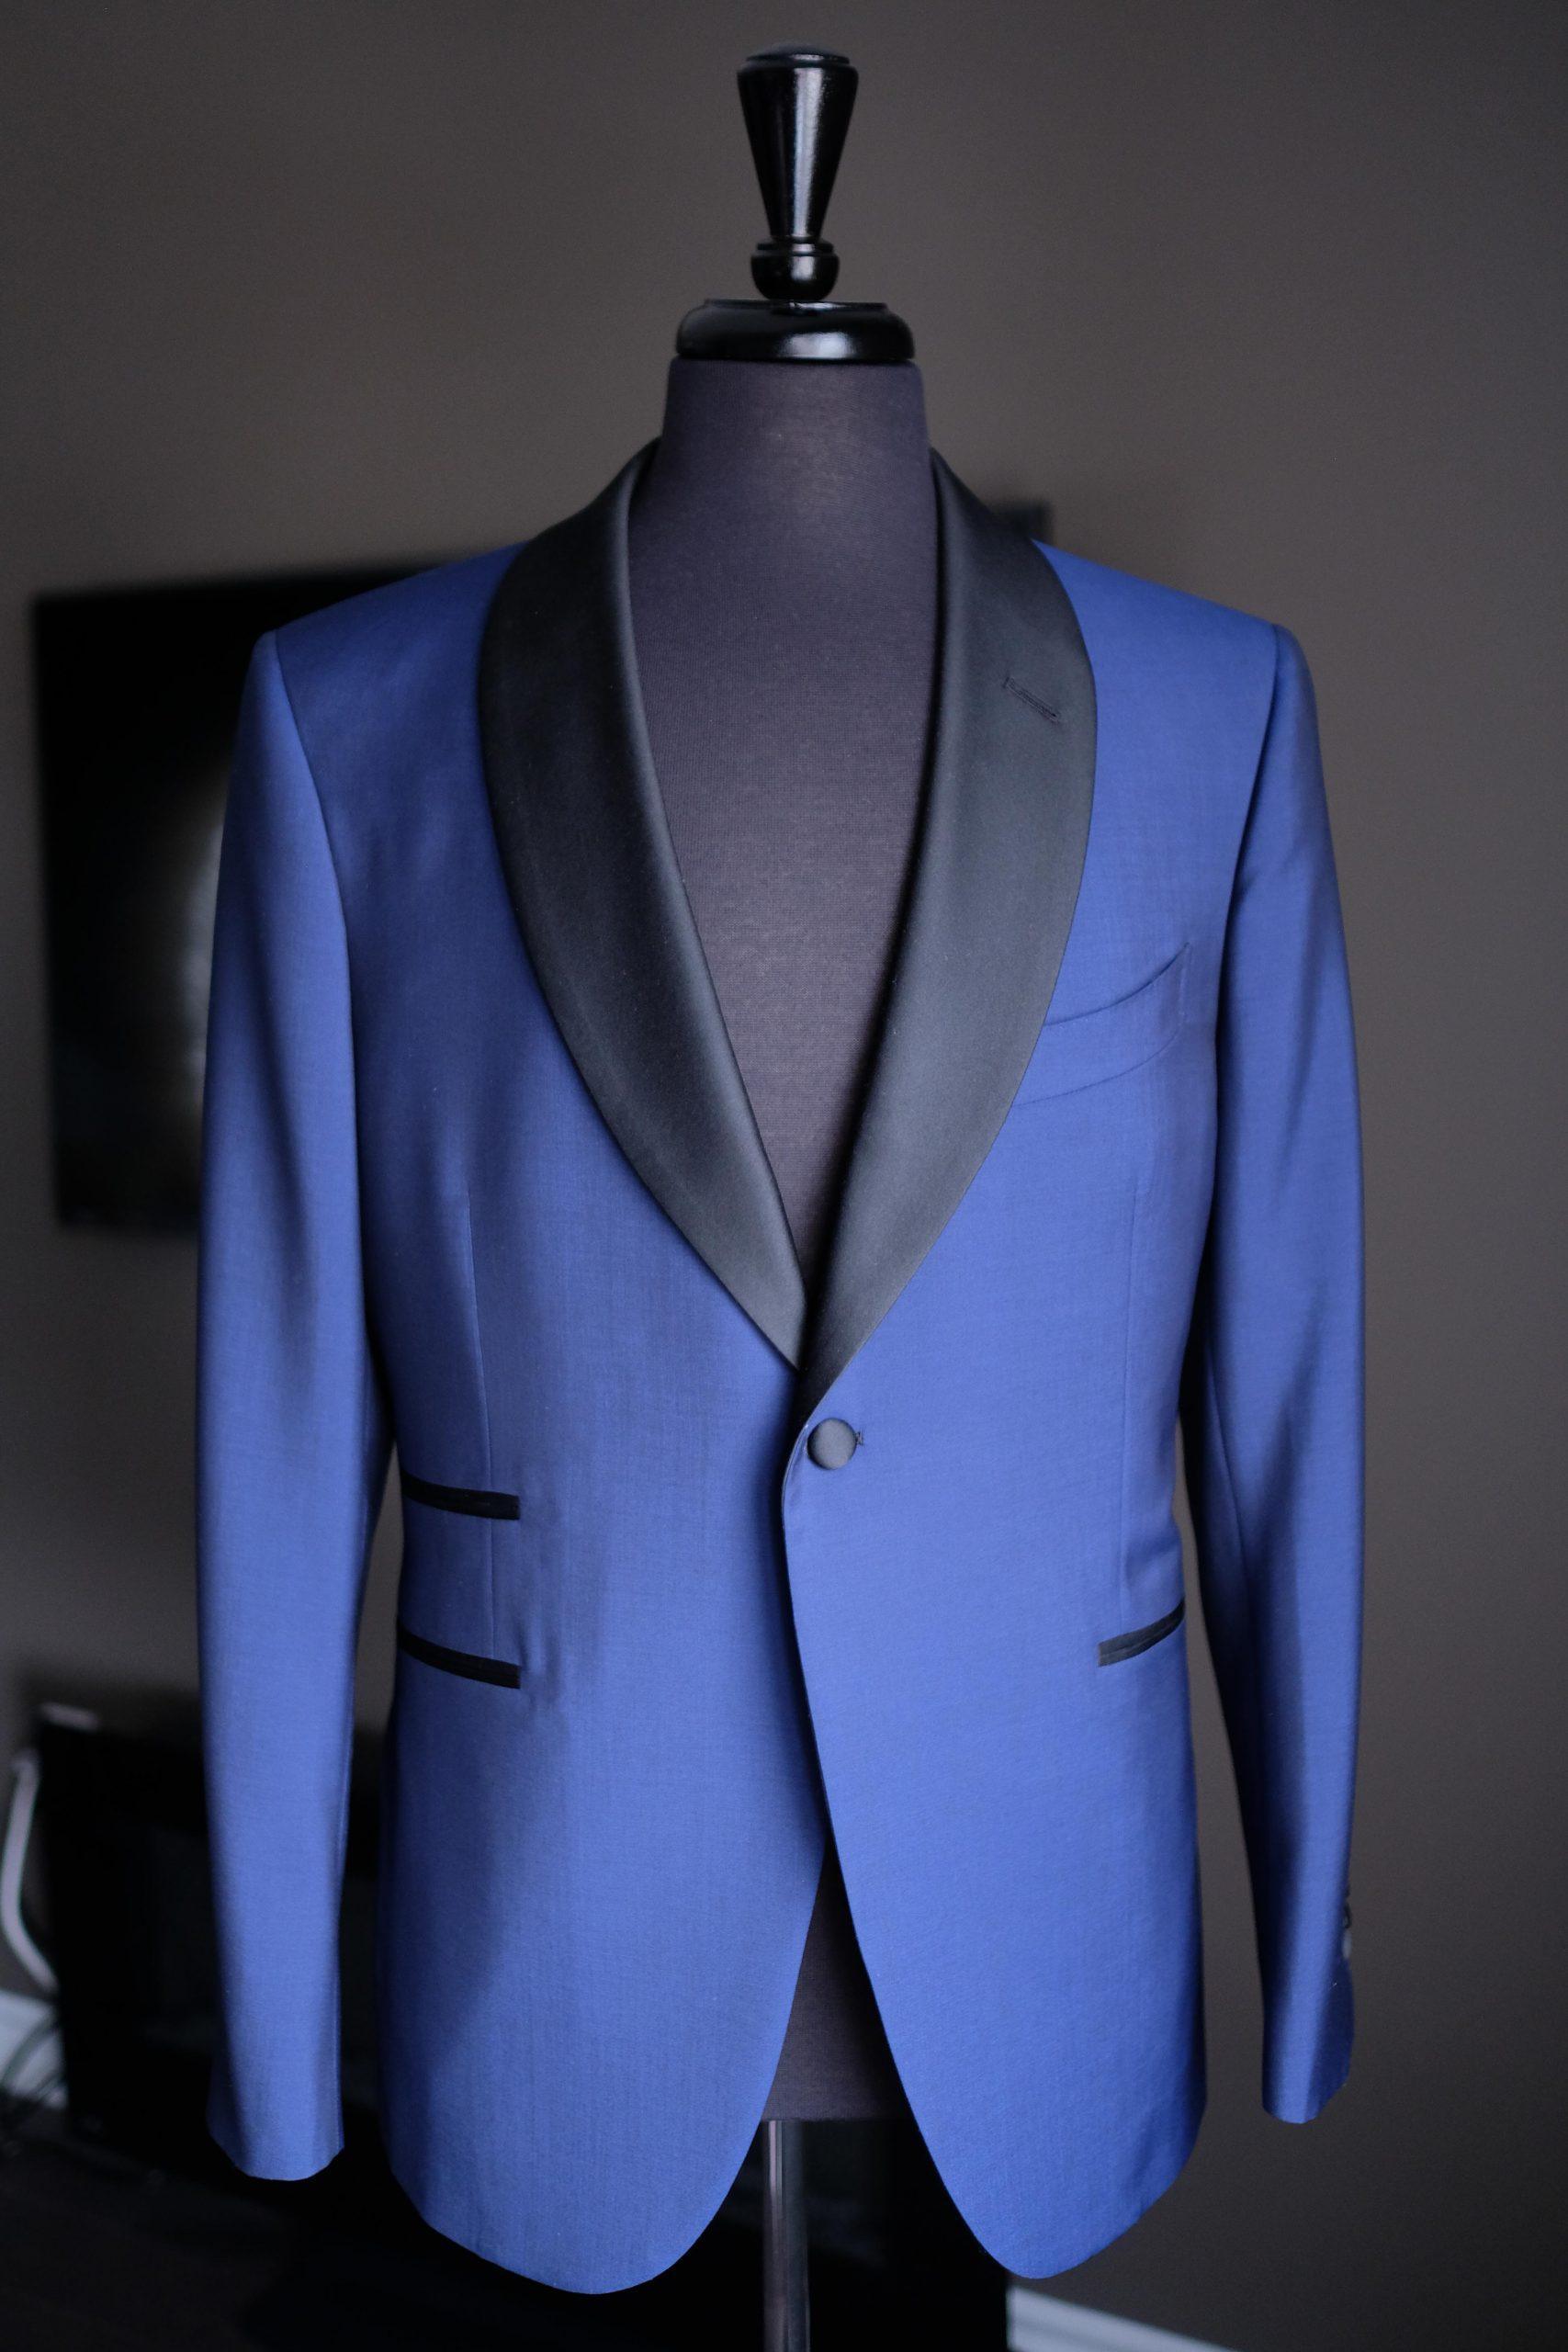 Blue Bespoke Shawl Collar Tuxedo